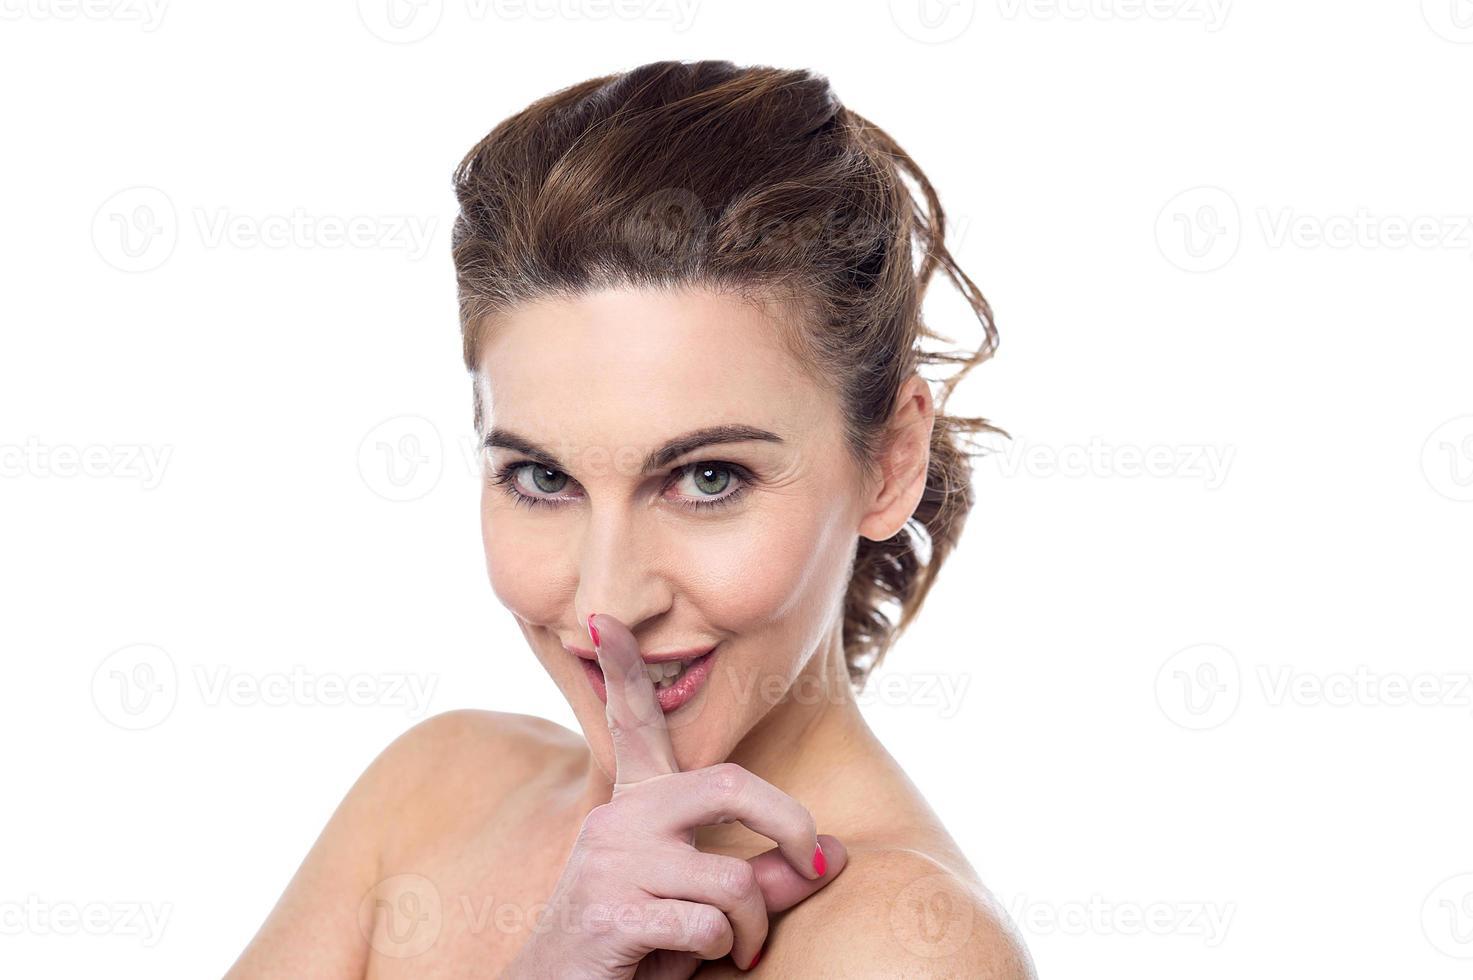 shhh, silenzio per favore foto